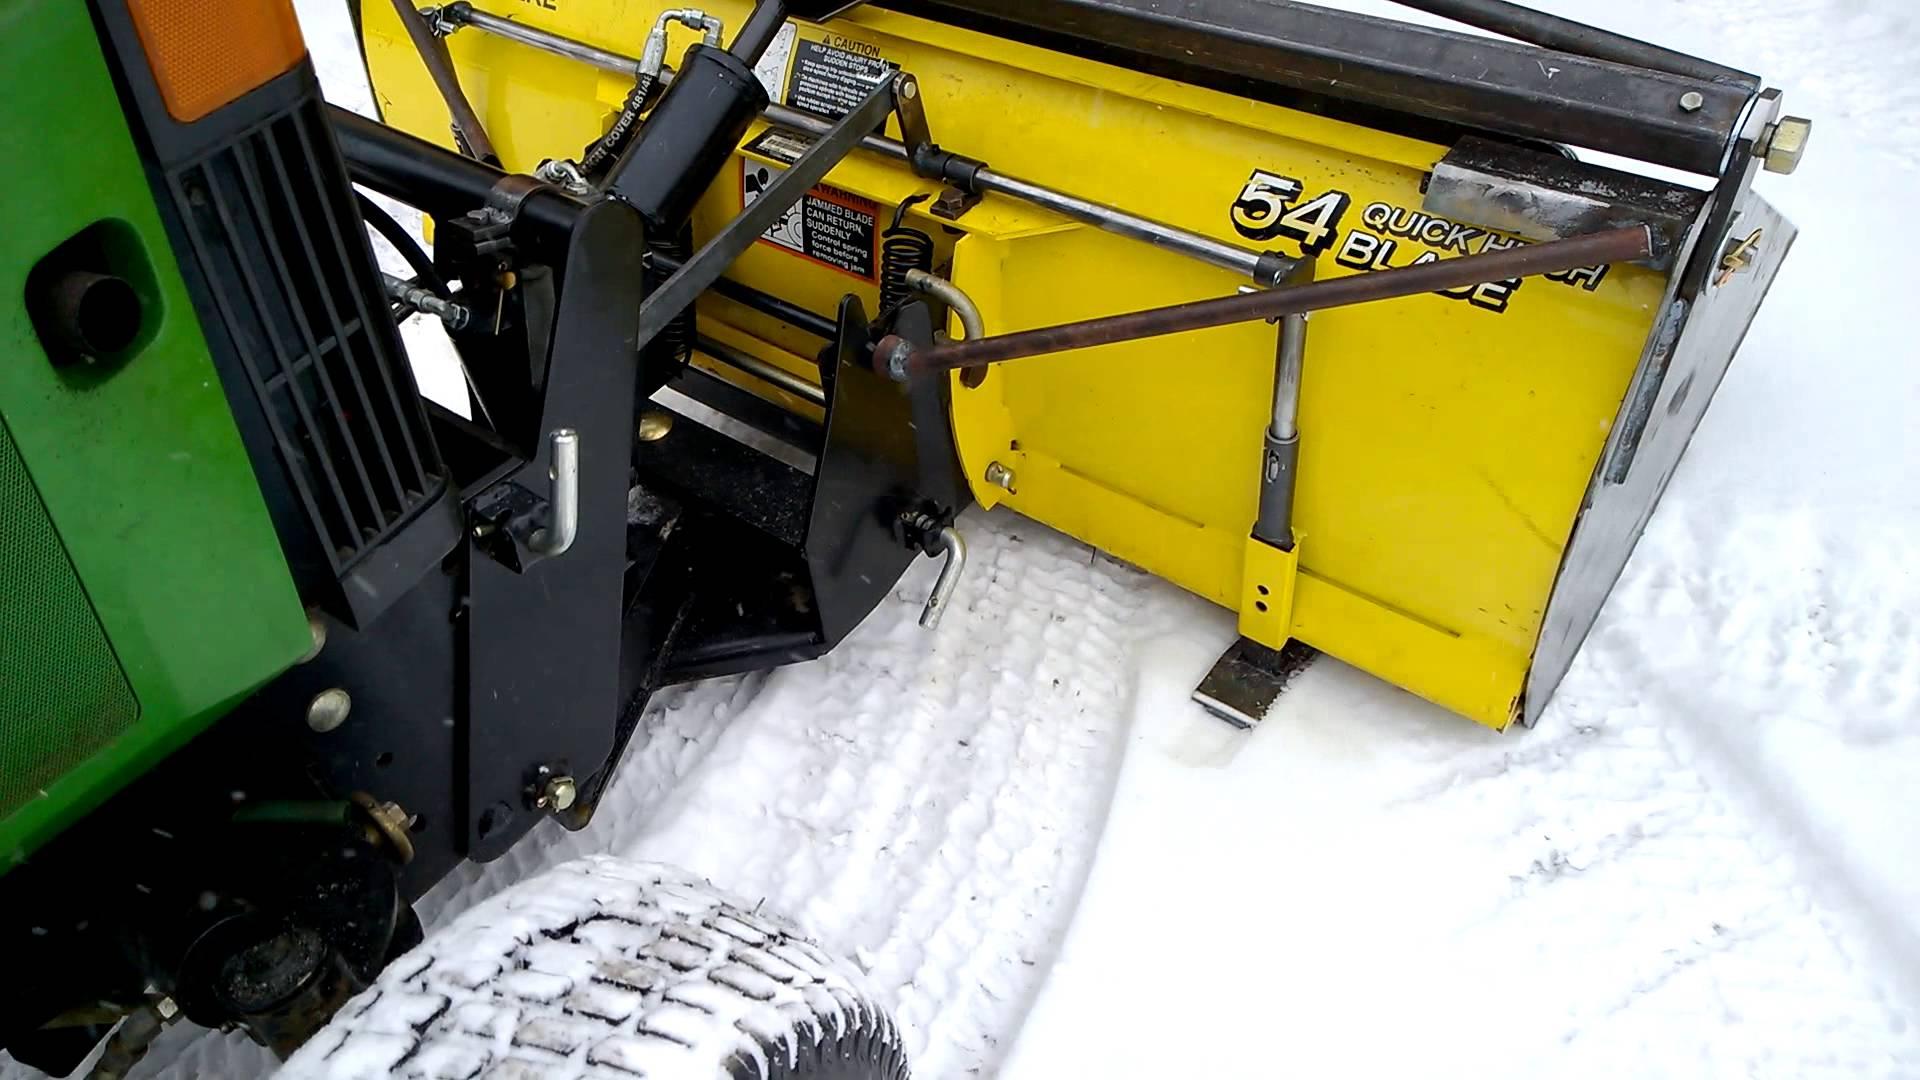 John Deere 54 Plow Bucket in the snow - YouTube